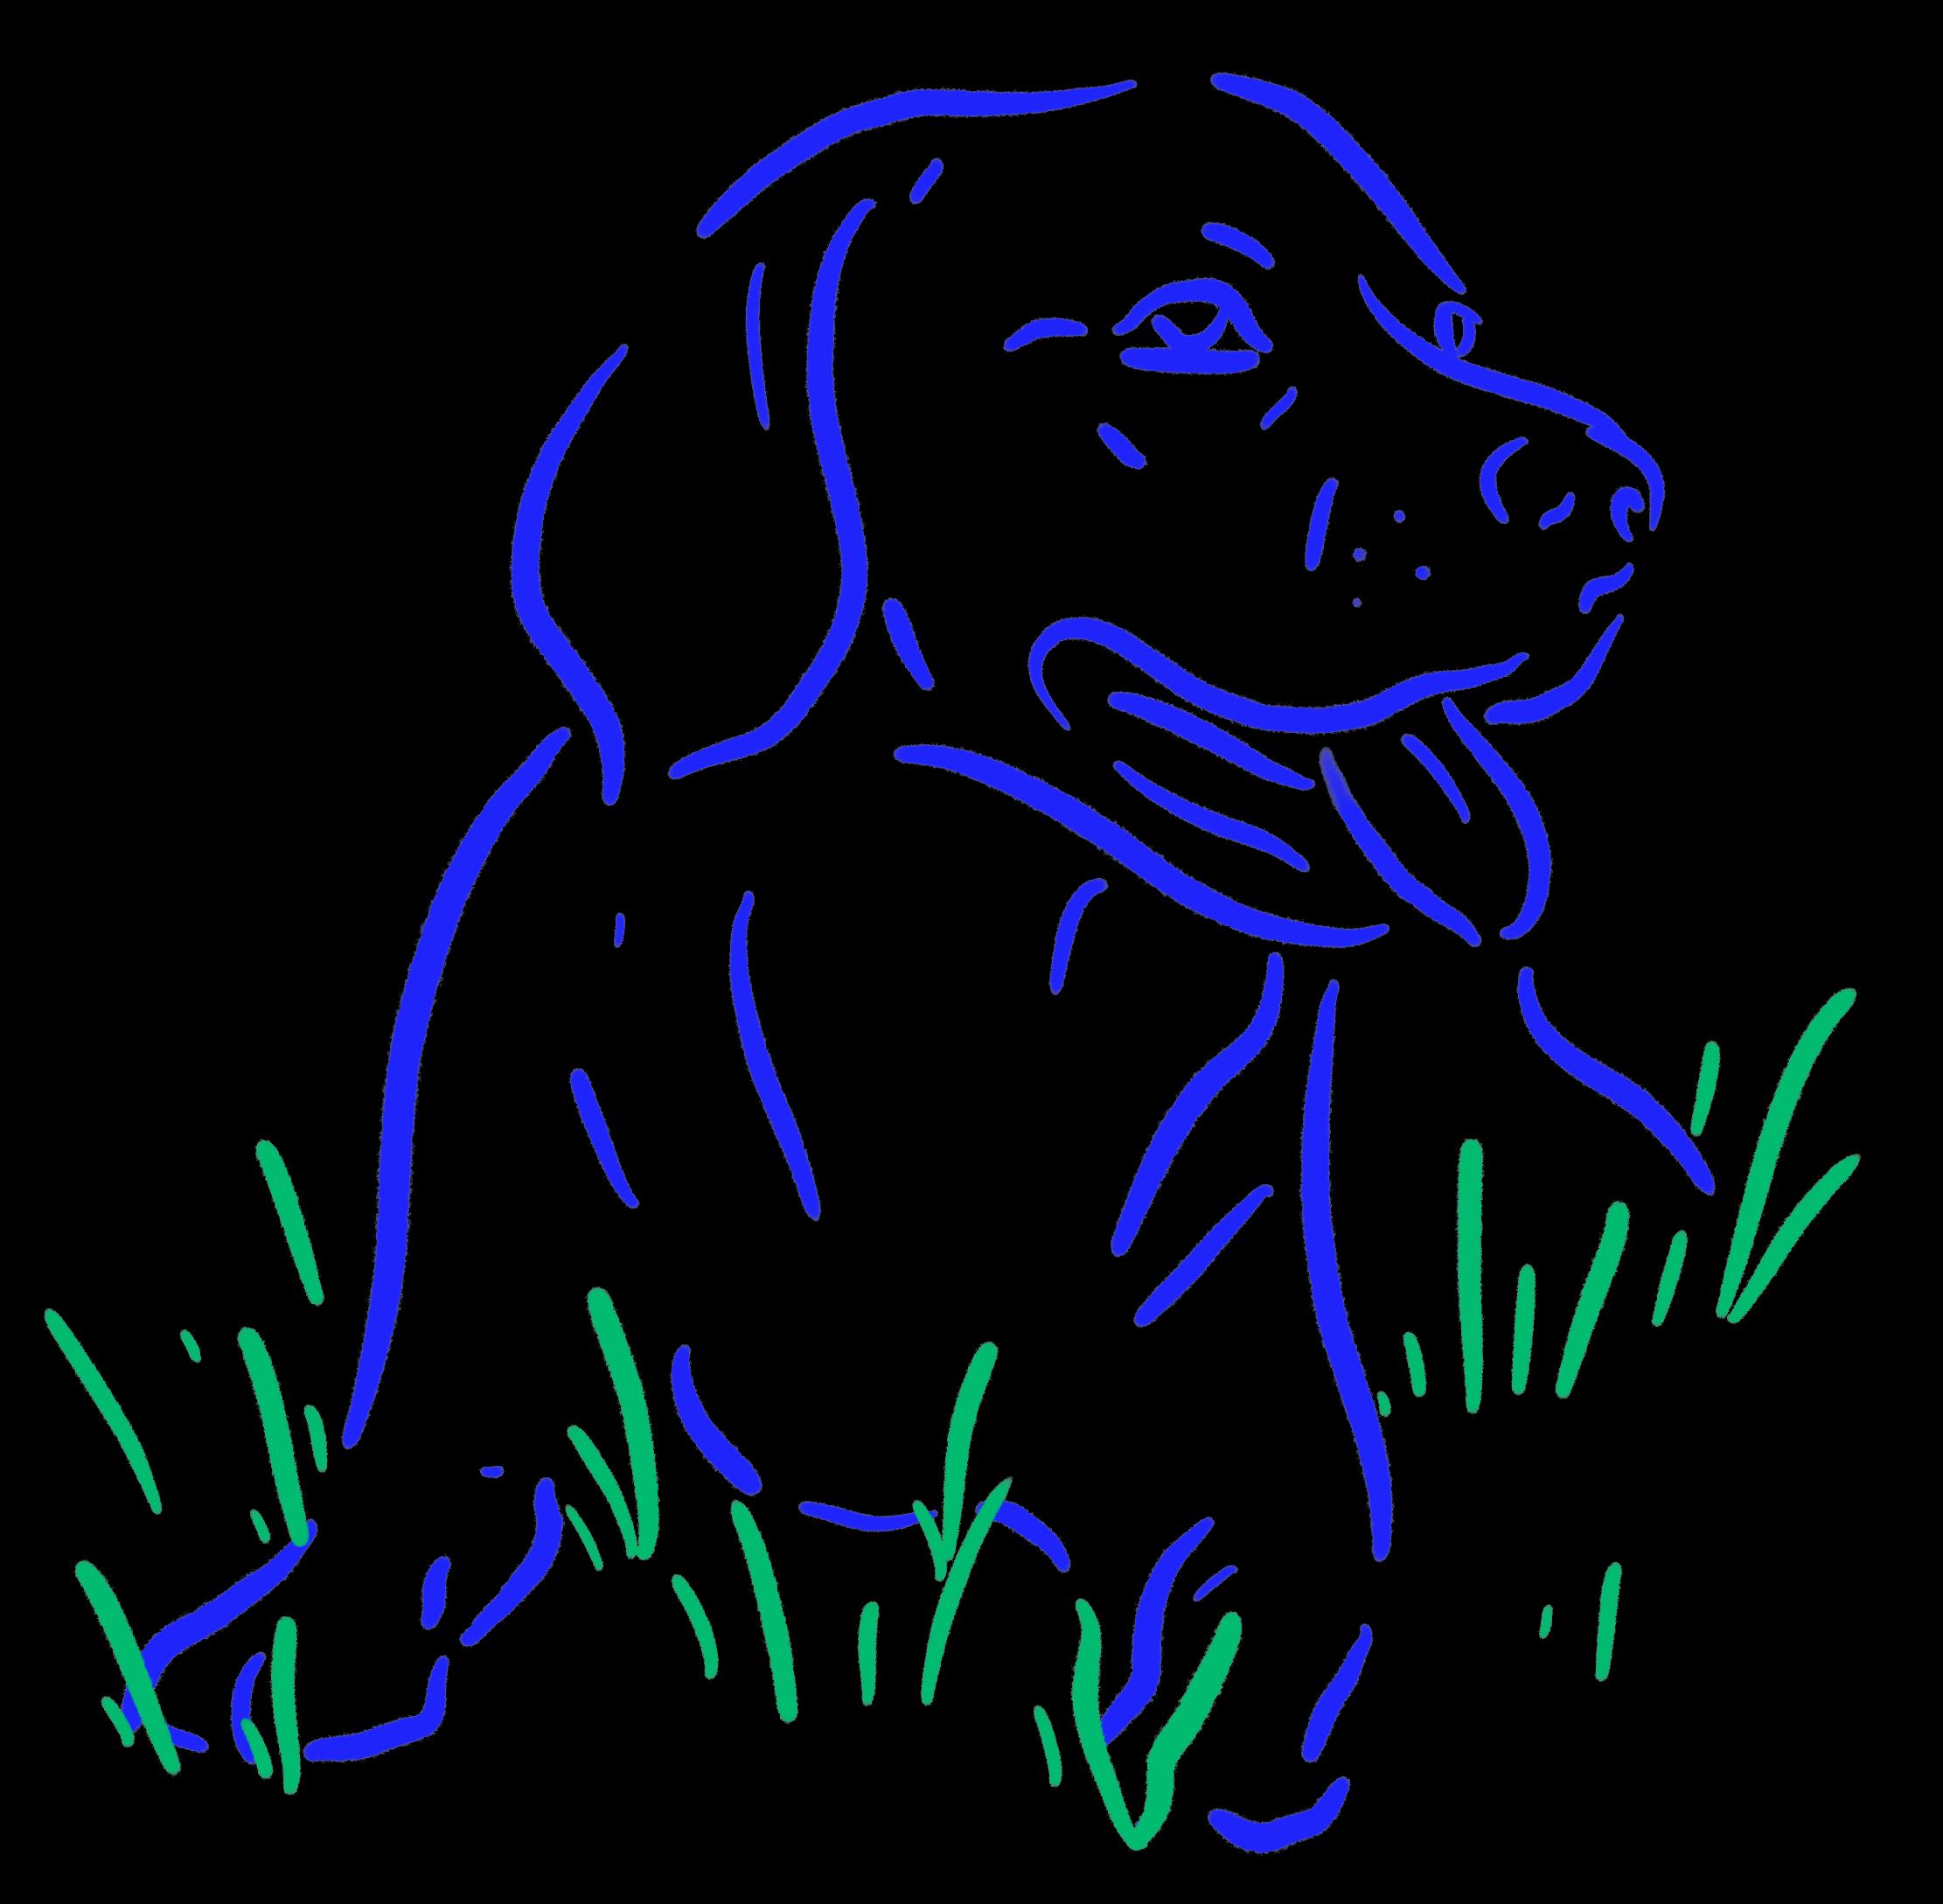 Illustration of a dog